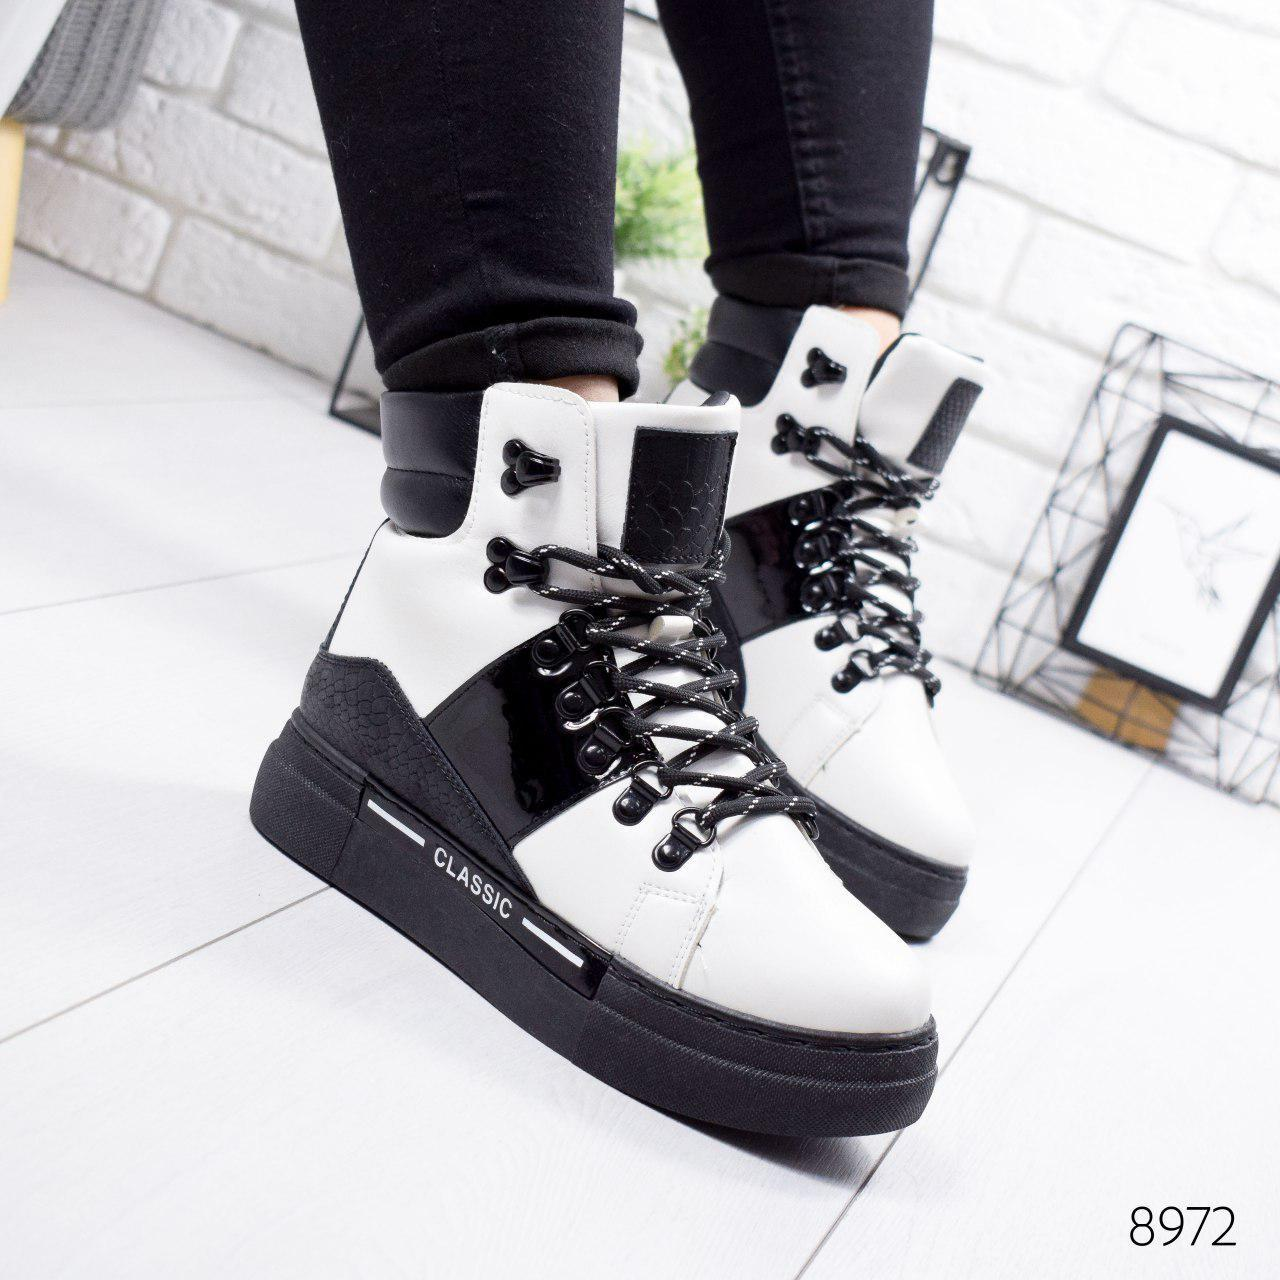 """Ботинки женские зимние, черно-белого цвета из эко кожи """"8972"""". Черевики жіночі. Ботинки теплые"""